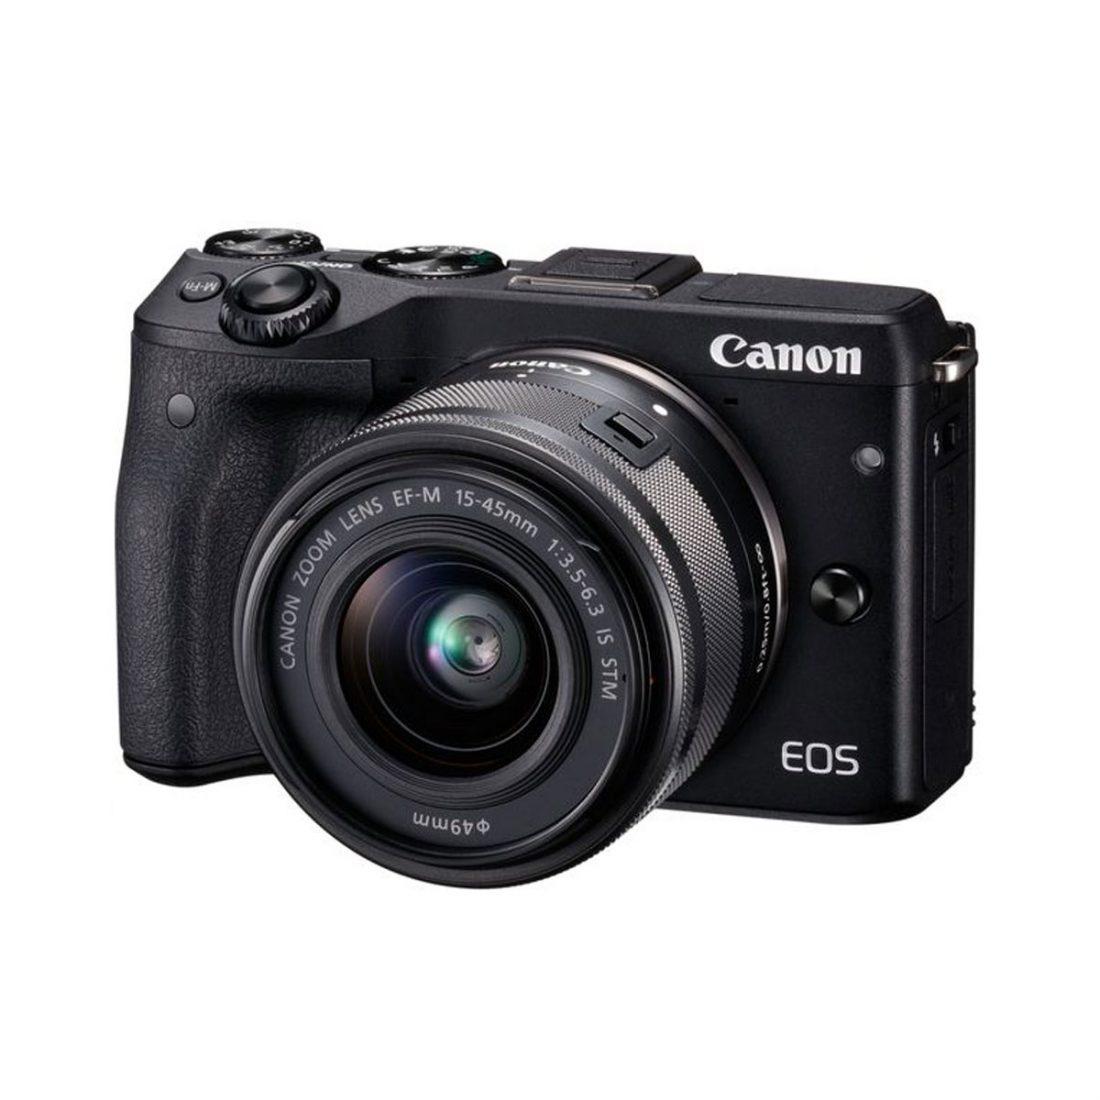 دوربين ديجيتال بدون آينه کانن مدل Canon EOS M3 Mirrorless Digital Camera With 15-45mm EF-M Lens